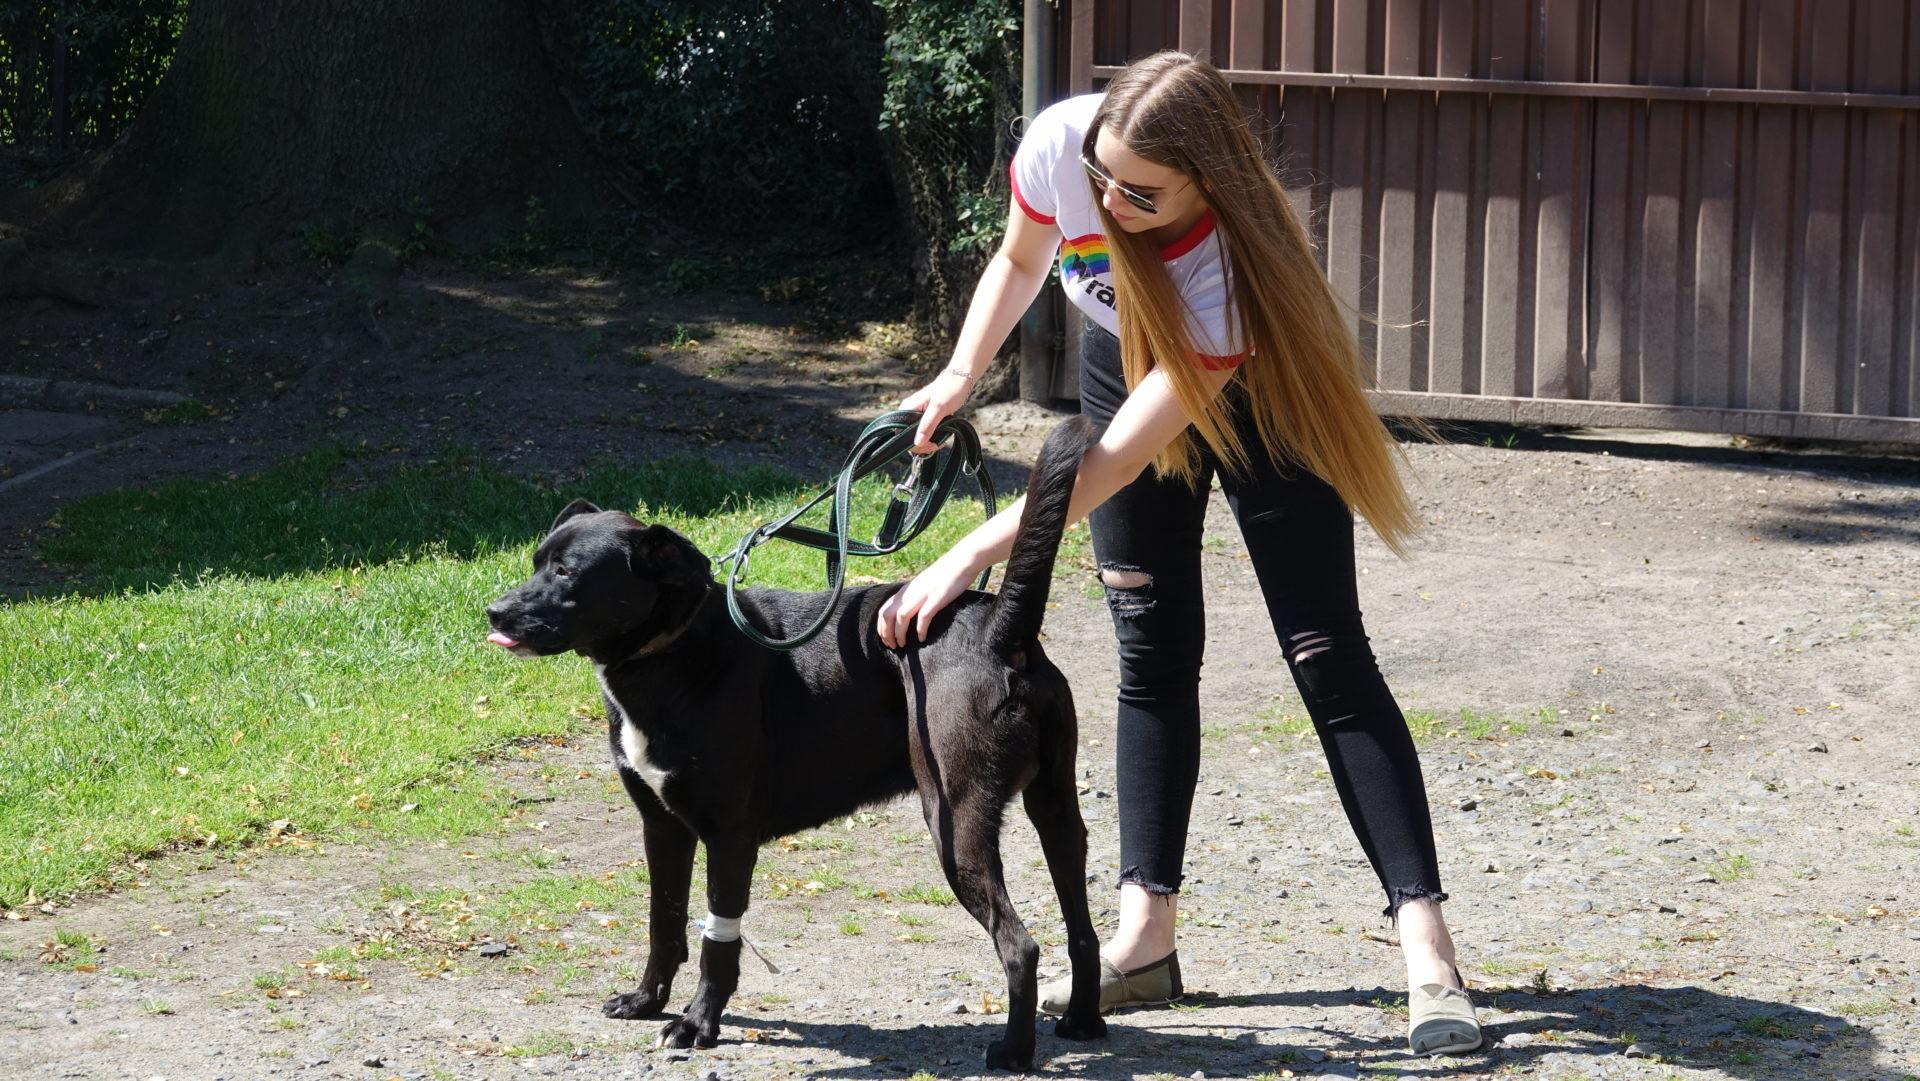 Uratowane z horroru psiaki szukają kochającego domu